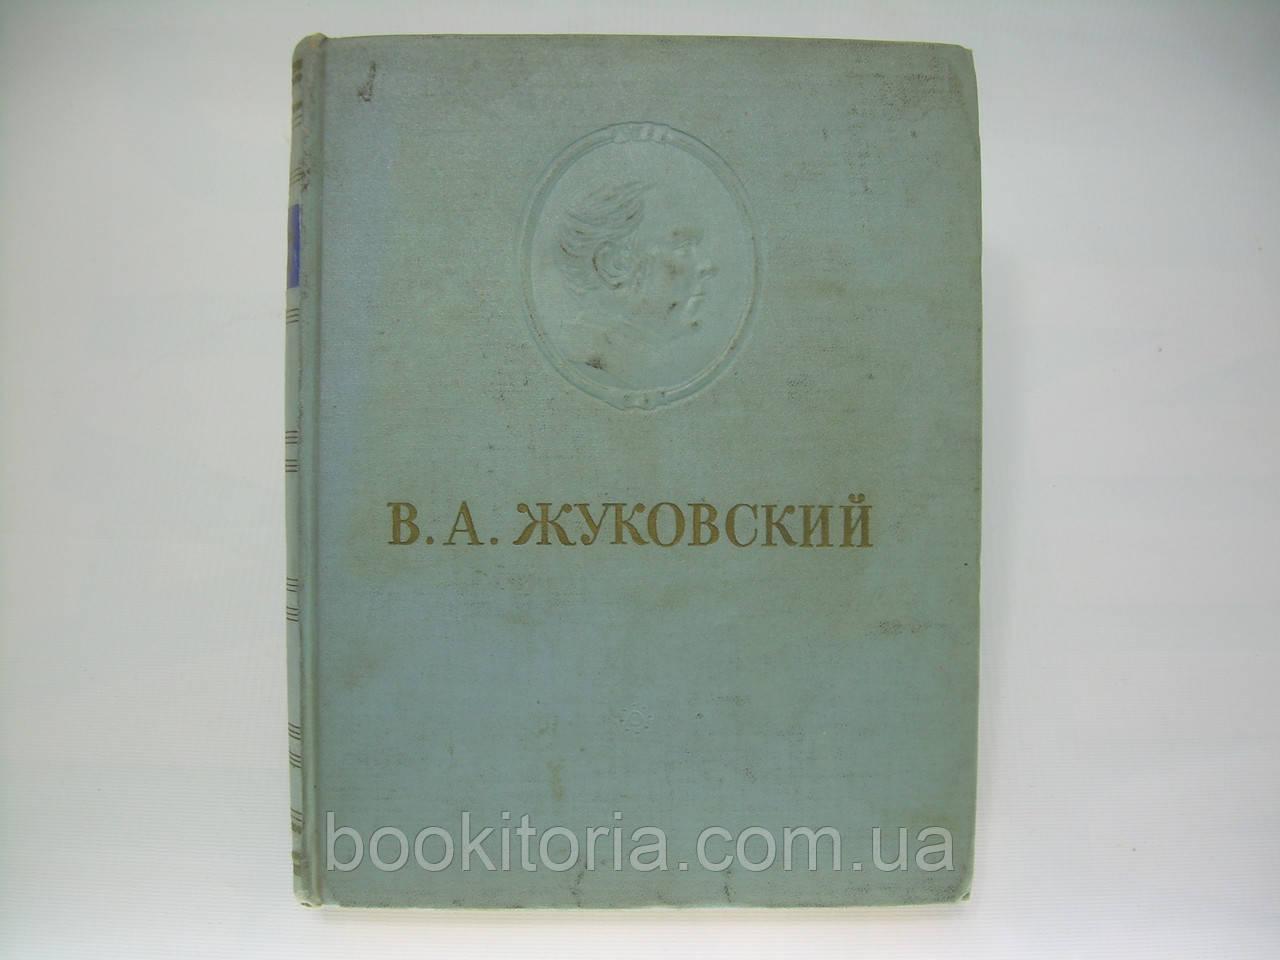 Жуковский В.А. Сочинения (б/у).